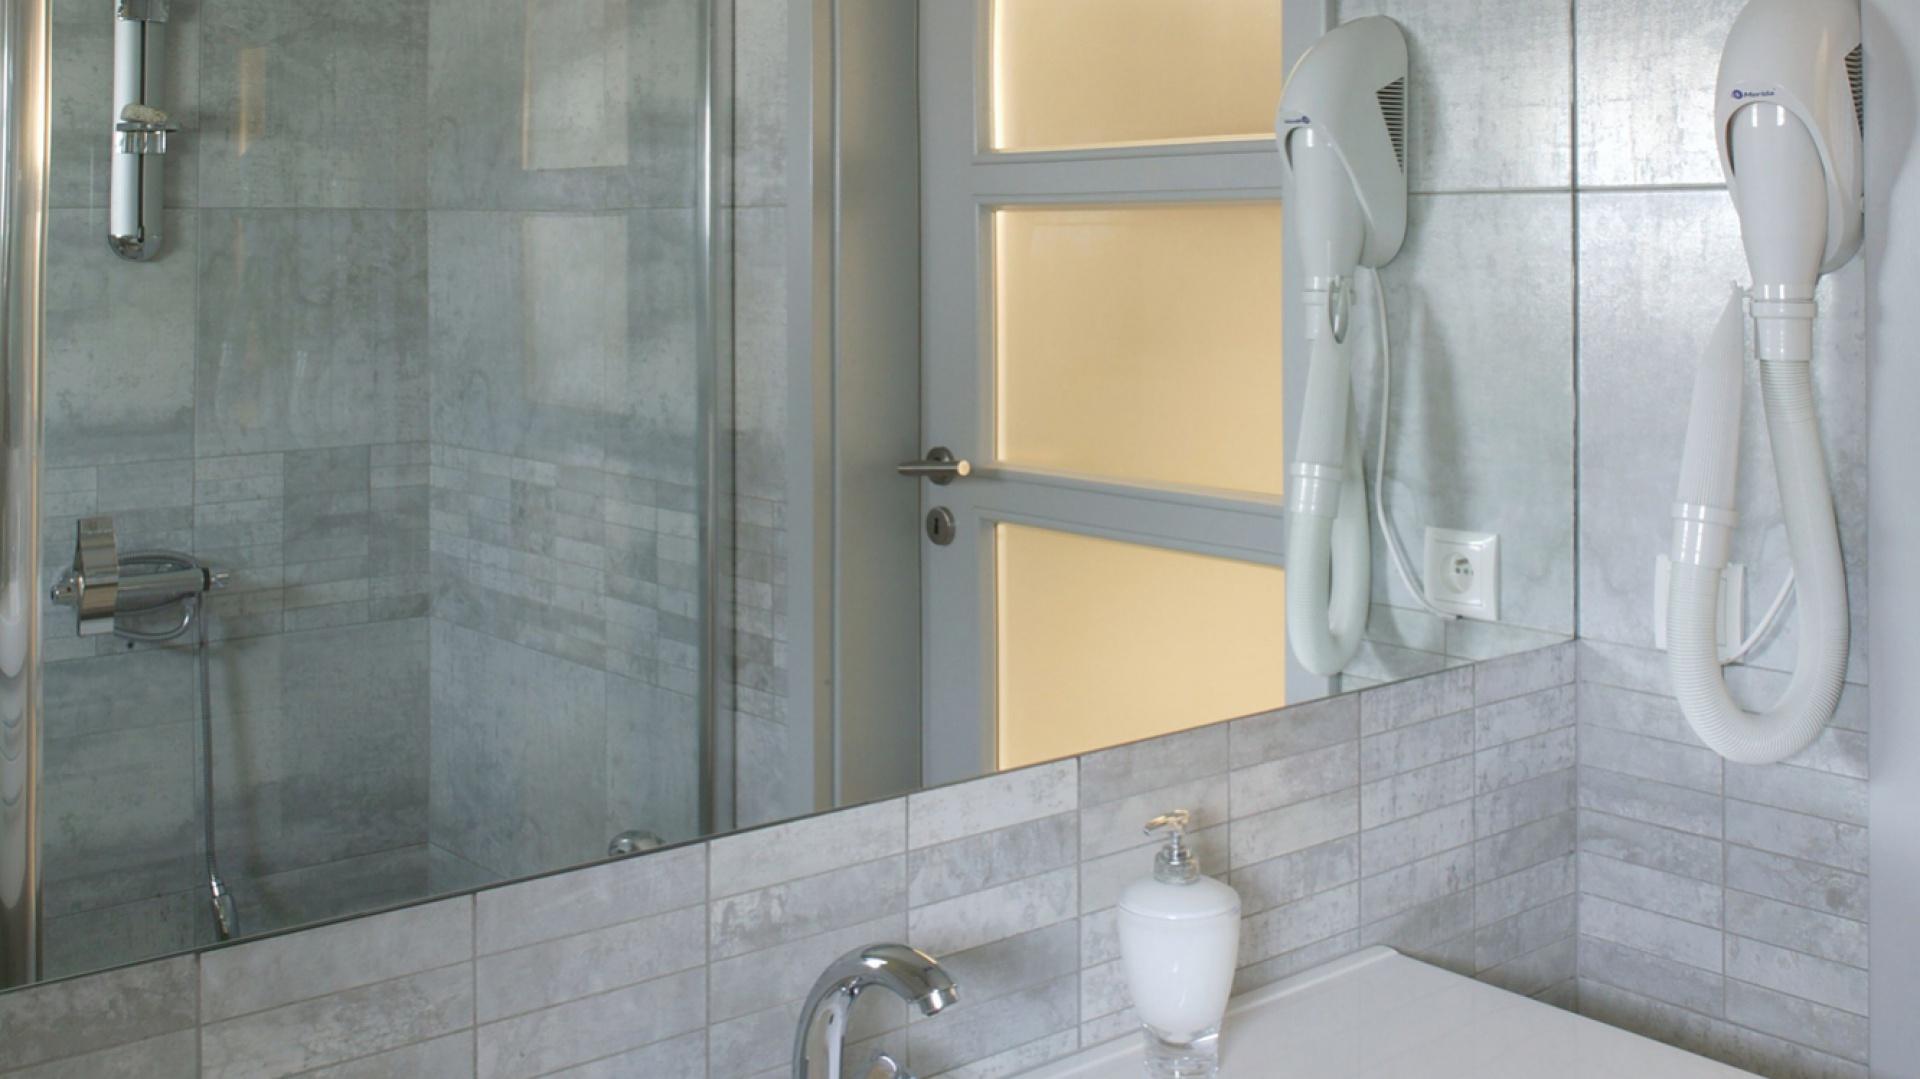 Konsekwencja w doborze kolorów i materiałów została zachowana w całym domu. Szare płytki gresowe, z których ułożono większość podłóg, wykorzystane są w również w łazience (tu zagrano jednak ich rozmiarami). Fot. Monika Filipiuk.